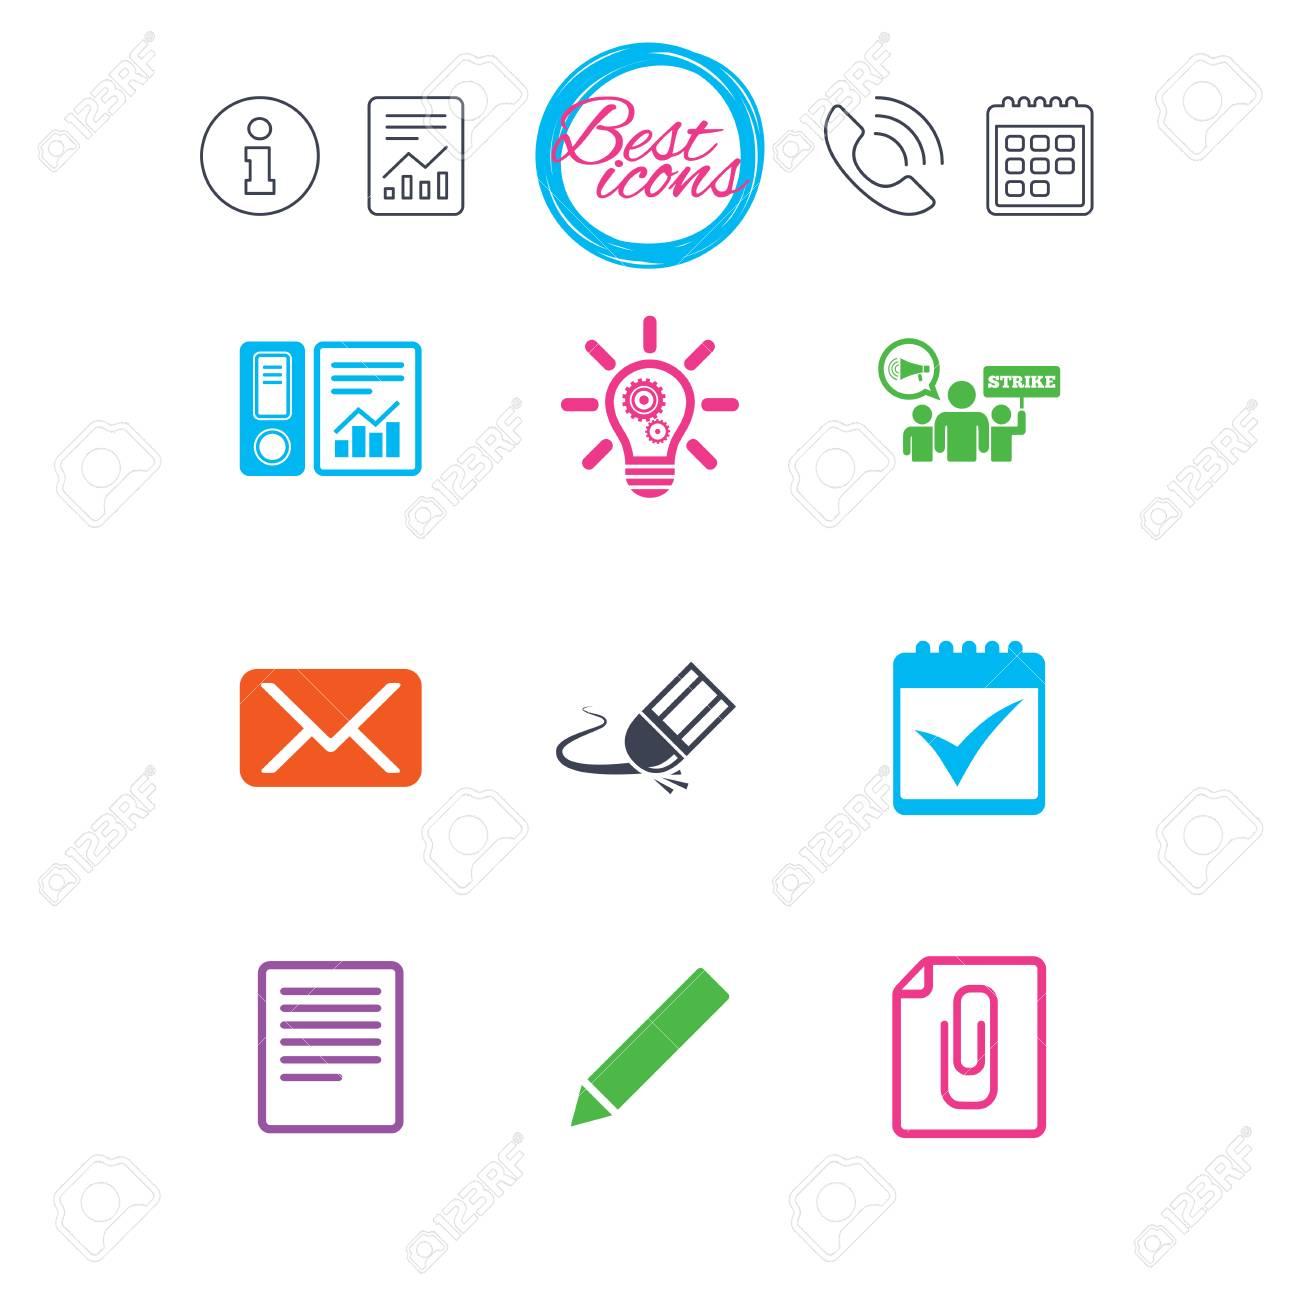 Calendario Segni.Informazioni Segnalazioni E Segni Del Calendario Ufficio Documenti E Icone Di Affari Contabilita Sciopero E Segni Di Calendario Mail Idee E